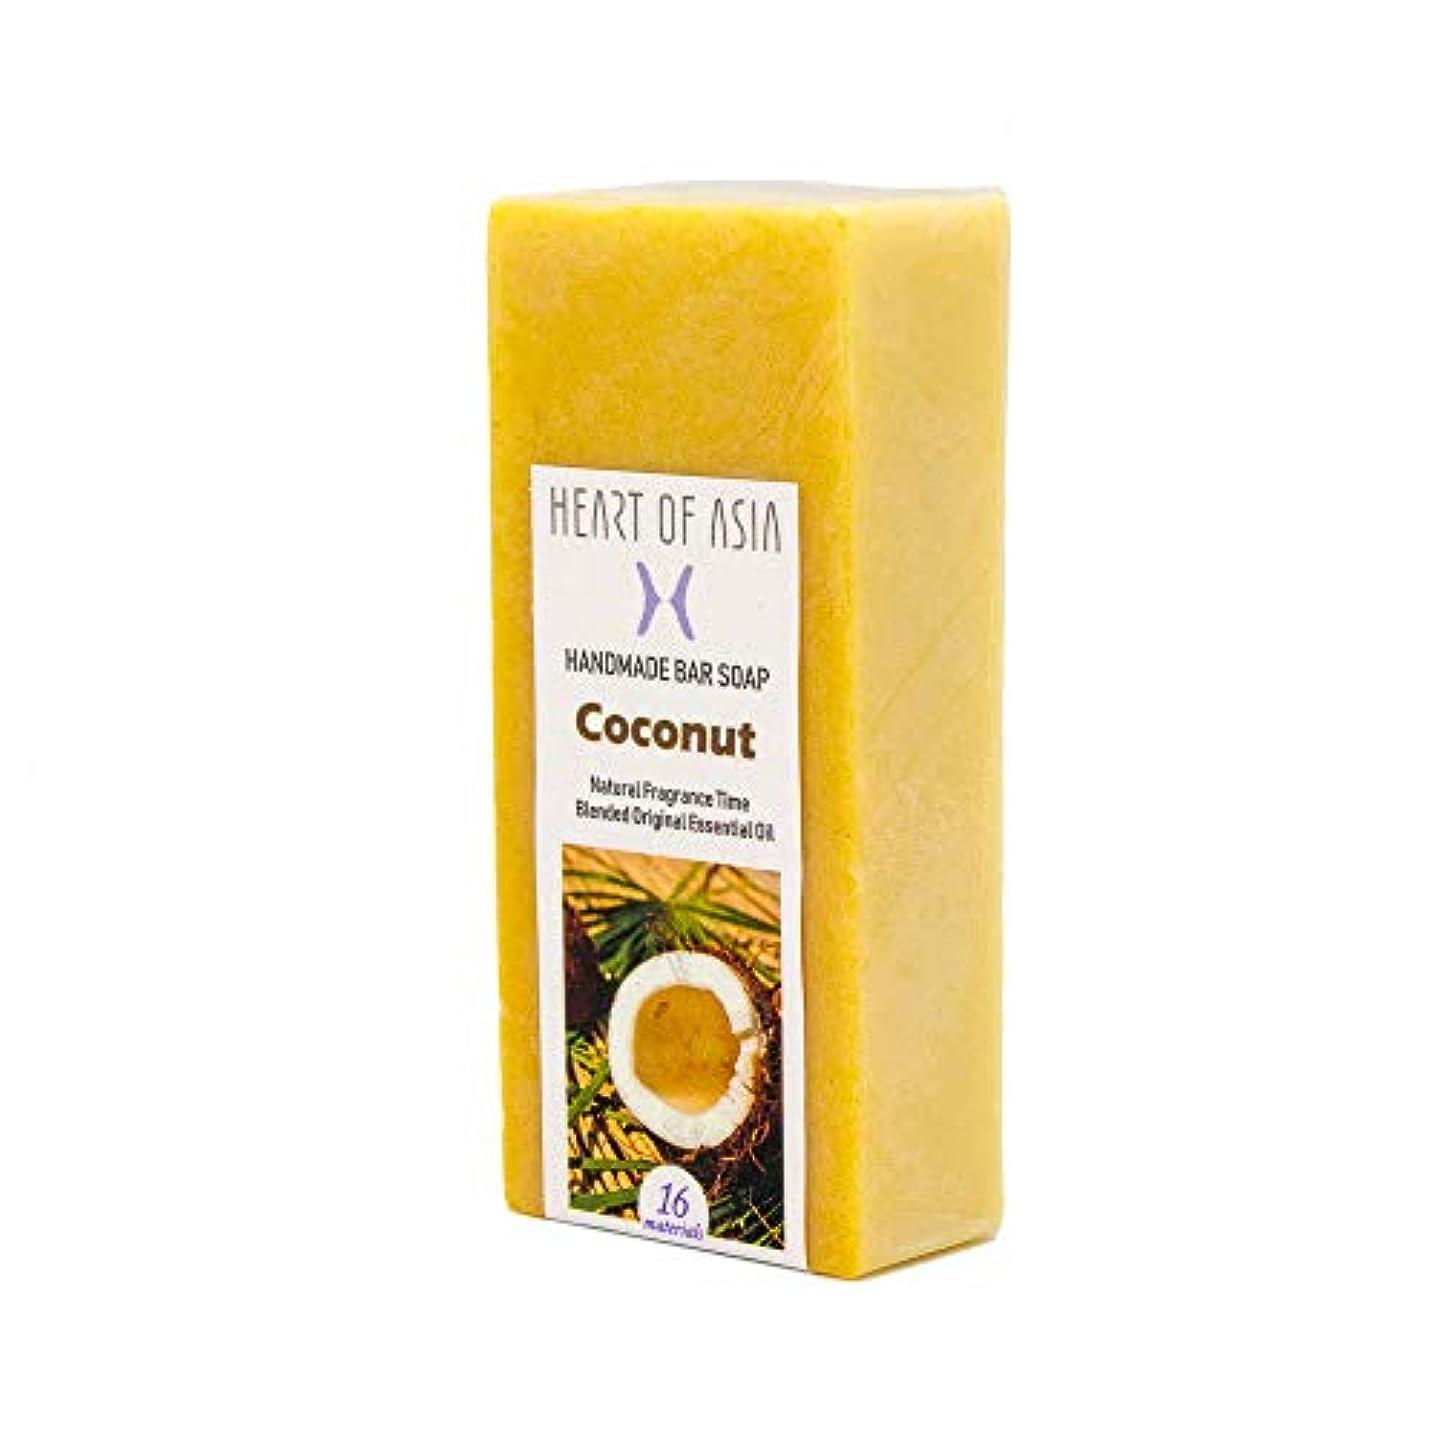 時代遅れ傑作パース香水のようなフレグランス石けん HANDMADE BAR SOAP ~Coconut ~ (単品)